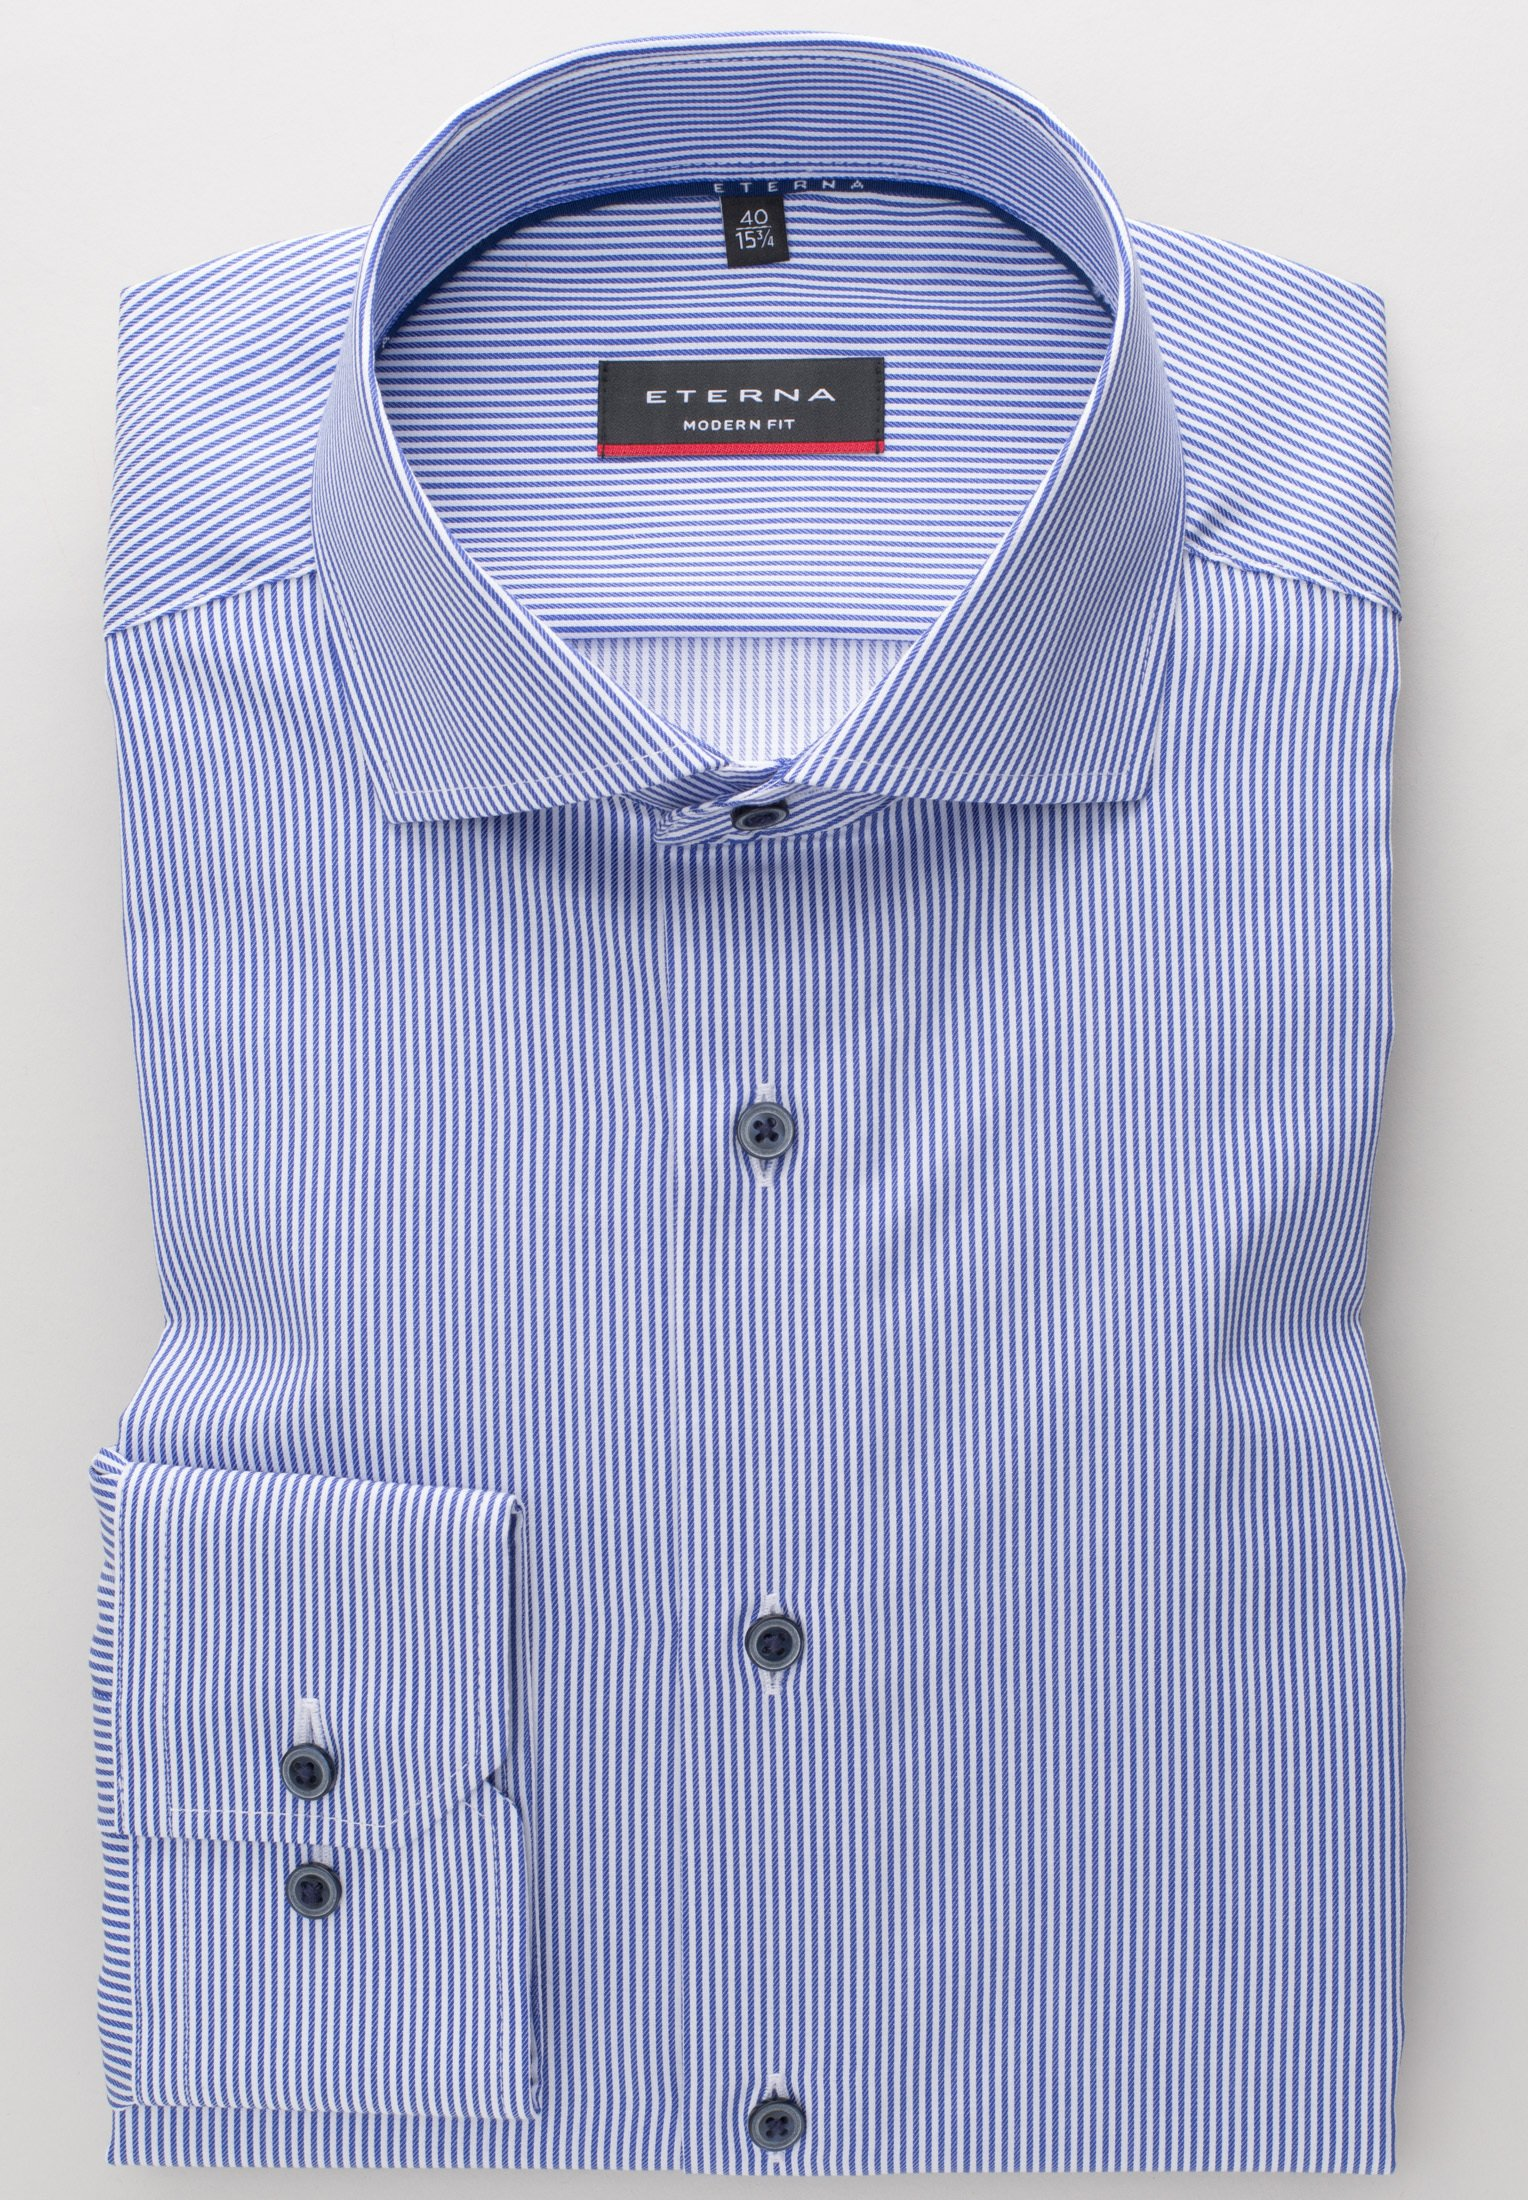 Eterna Modern Fit - Hemd Blue